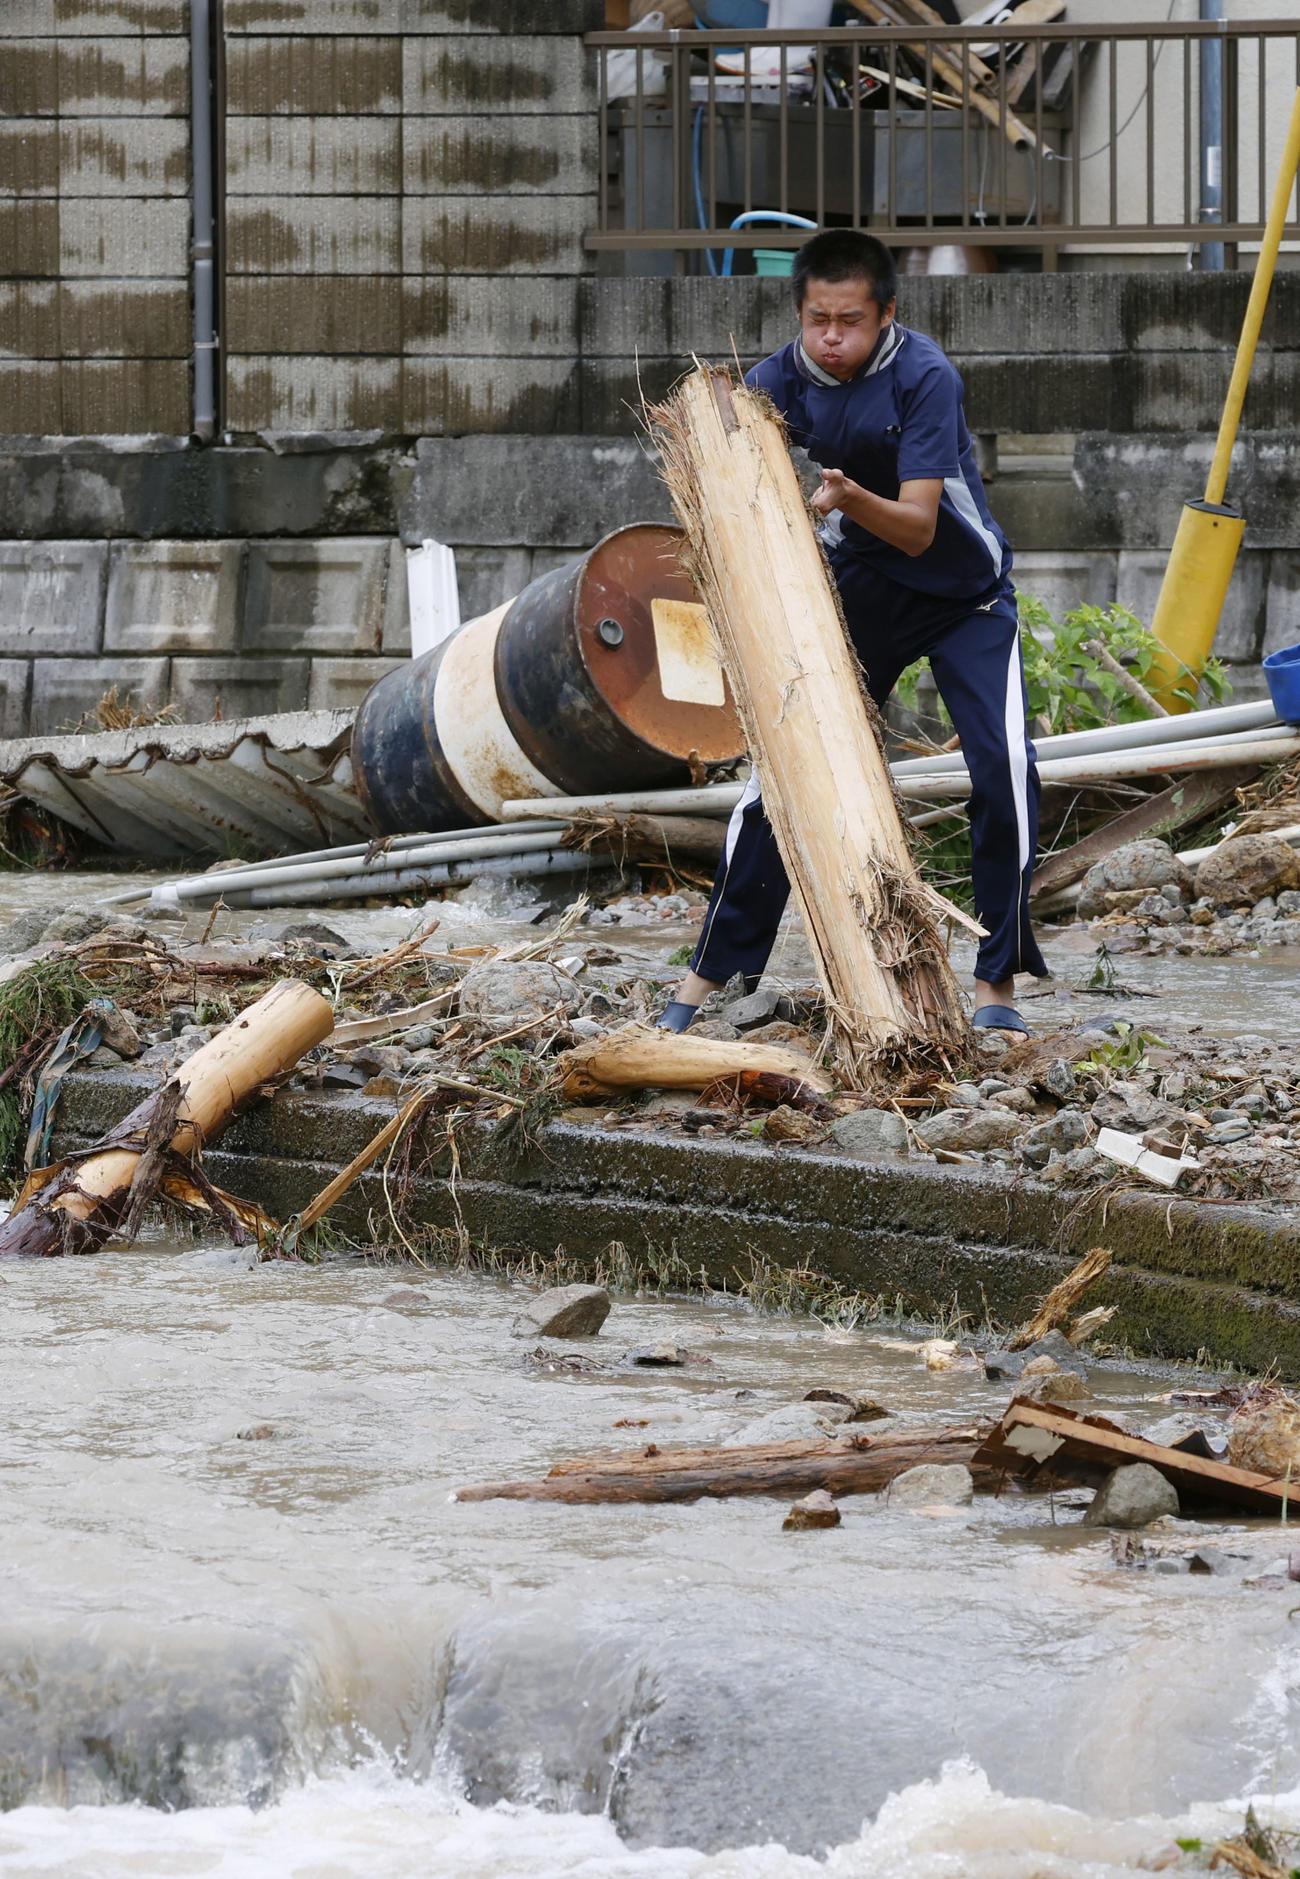 熊本県津奈木町で、倒木を片付ける男性(共同)